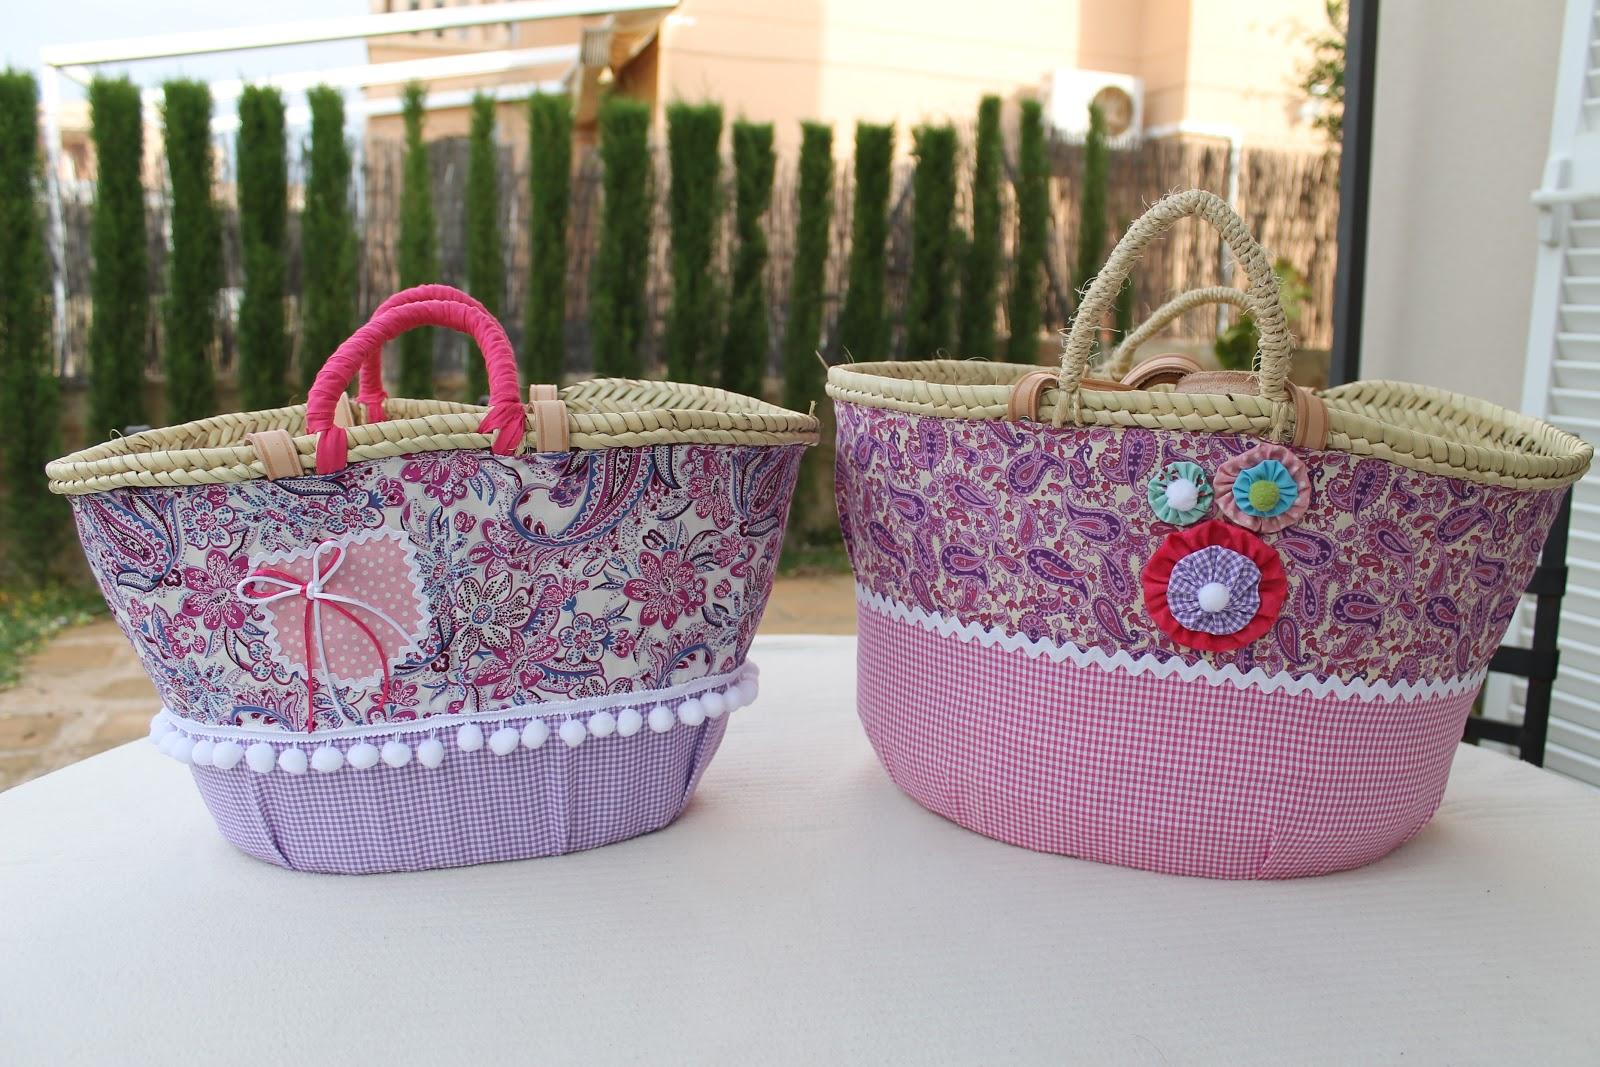 Como adornar cestas de mimbre excellent com anuncios de cestas mimbre cestas mimbre with como - Como forrar cestas de mimbre ...